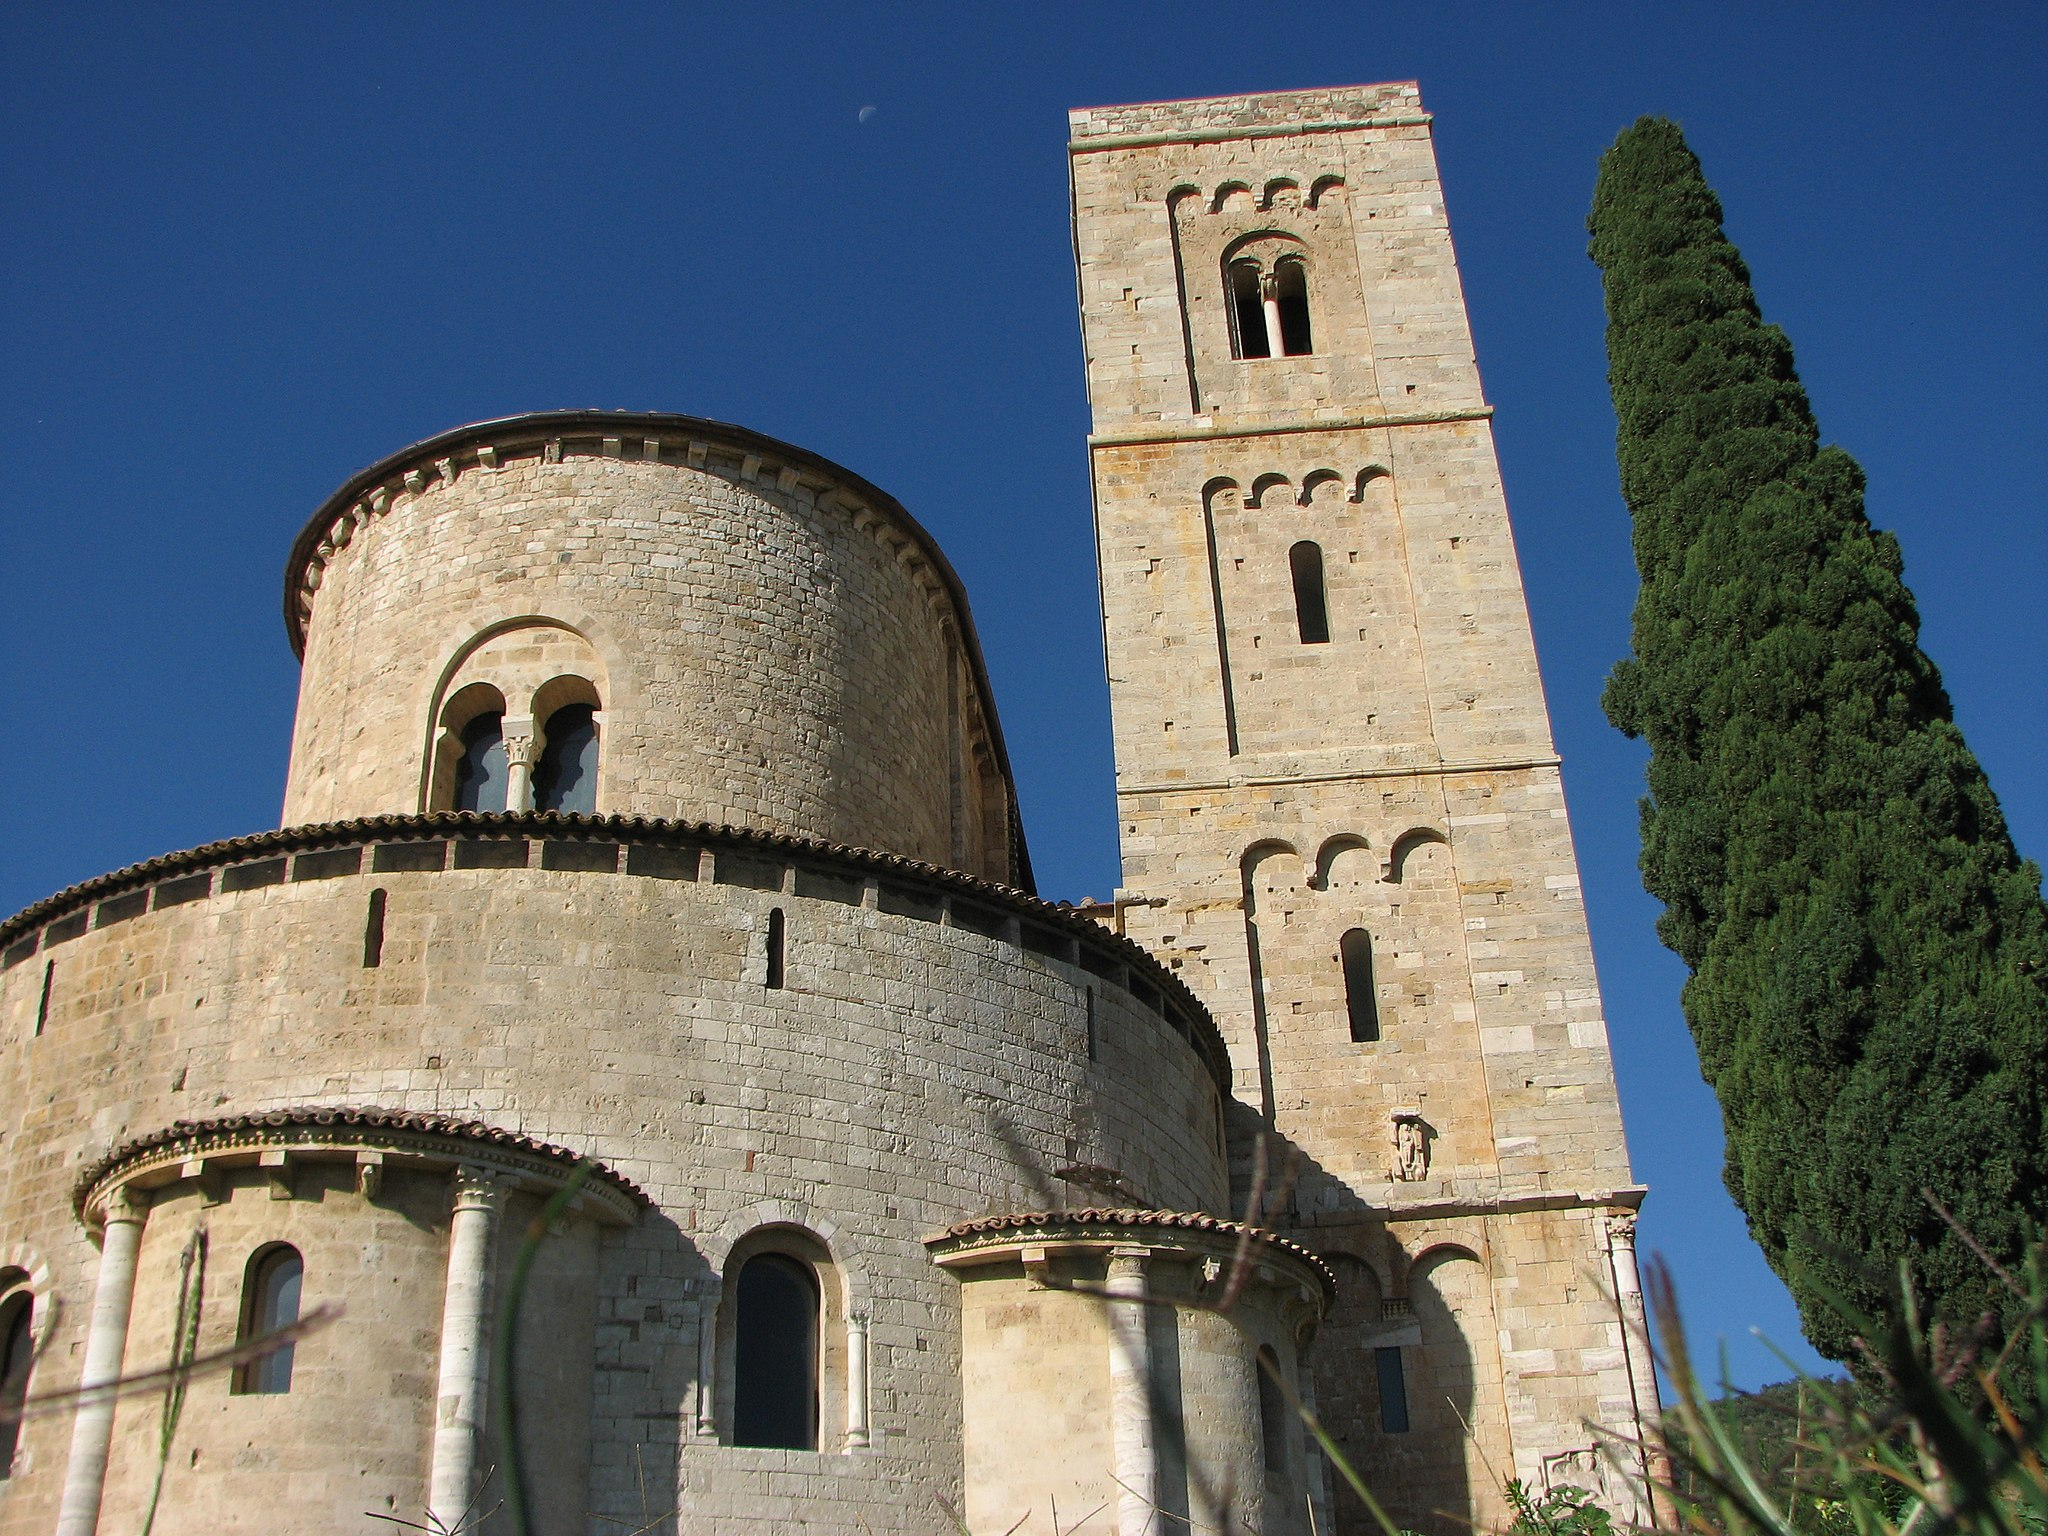 L'Abbazia di Sant'Antimo. Il campanile e l'abside